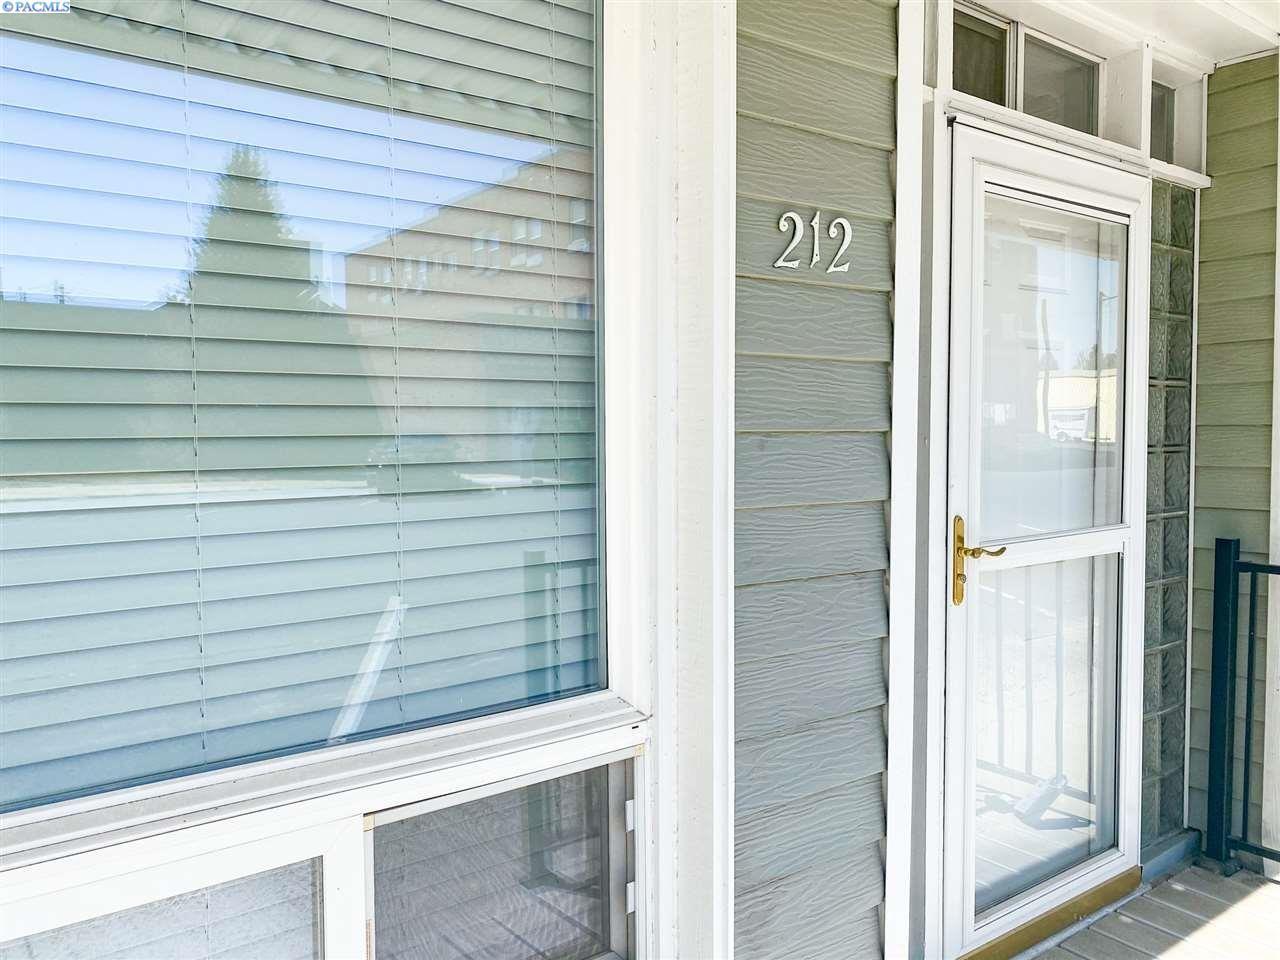 Photo of 212 W California St., Garfield, WA 99130 (MLS # 247024)